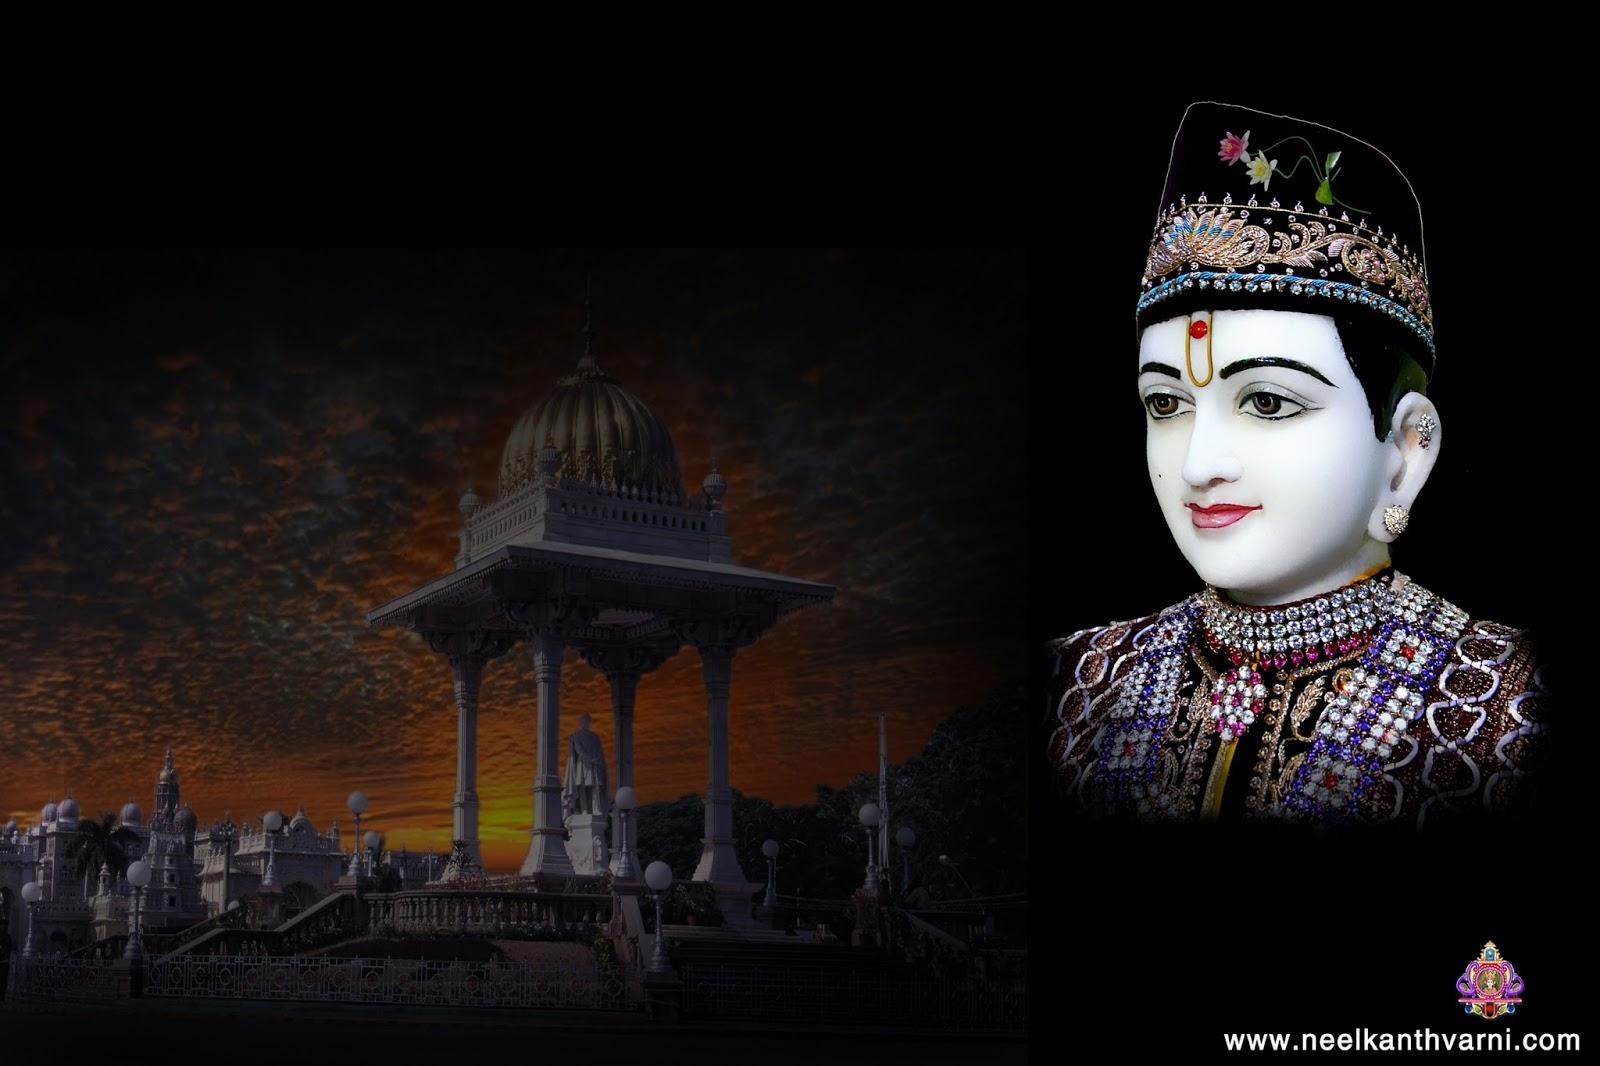 Ghanshyam Maharaj Wallpaper Hd Jay Swaminarayan Wallpapers Swaminarayan Wallpaper For Iphone